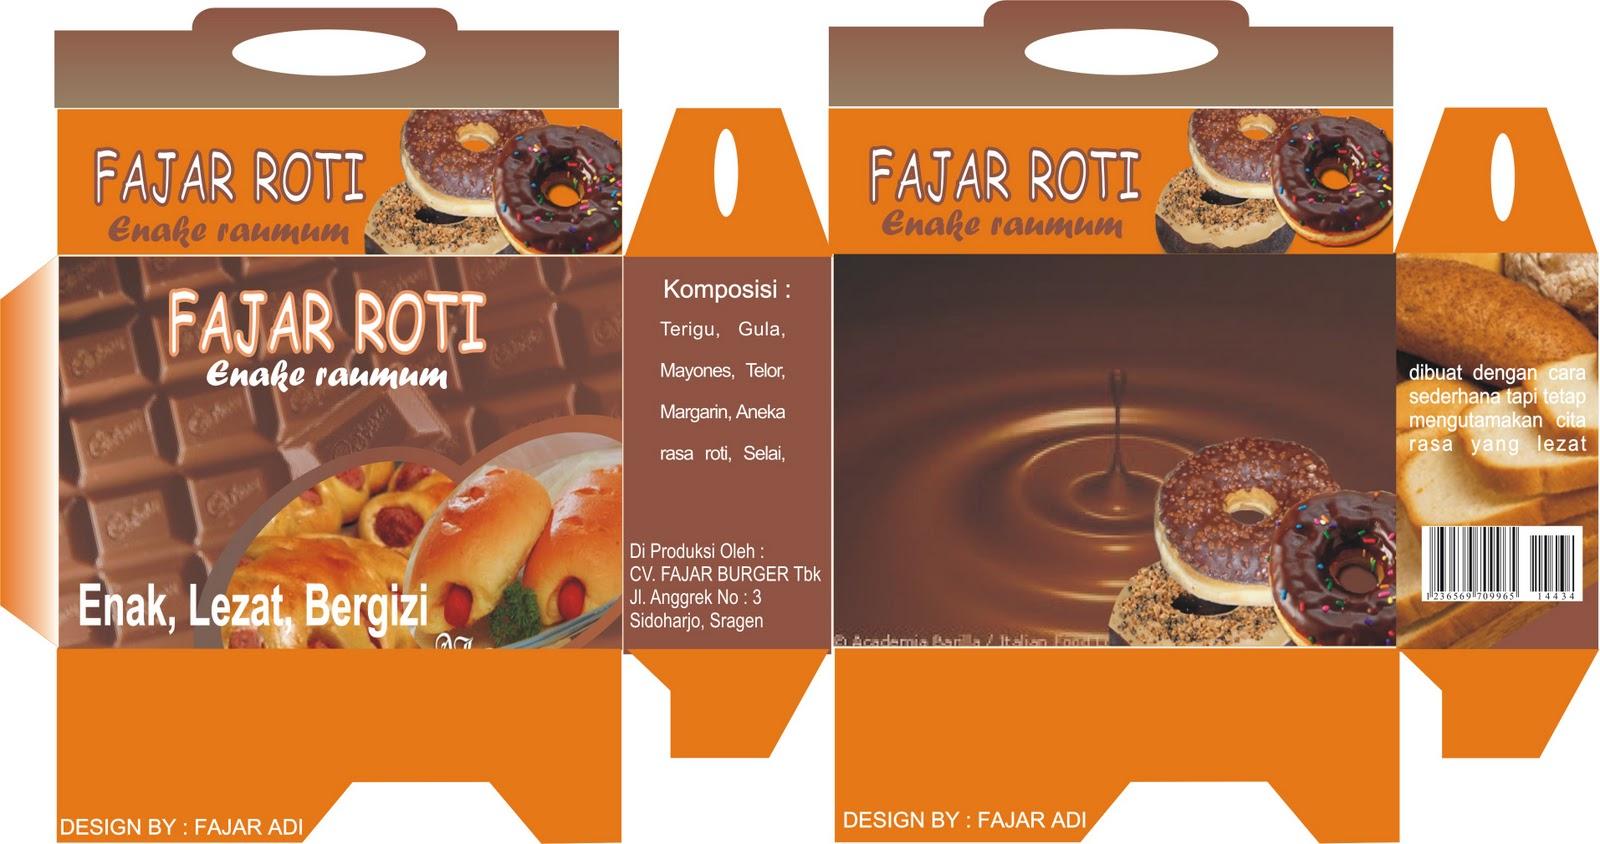 ... : http://www.4shared.com/file/pxLqbfp6/Kemasan_Roti_Fajar.html